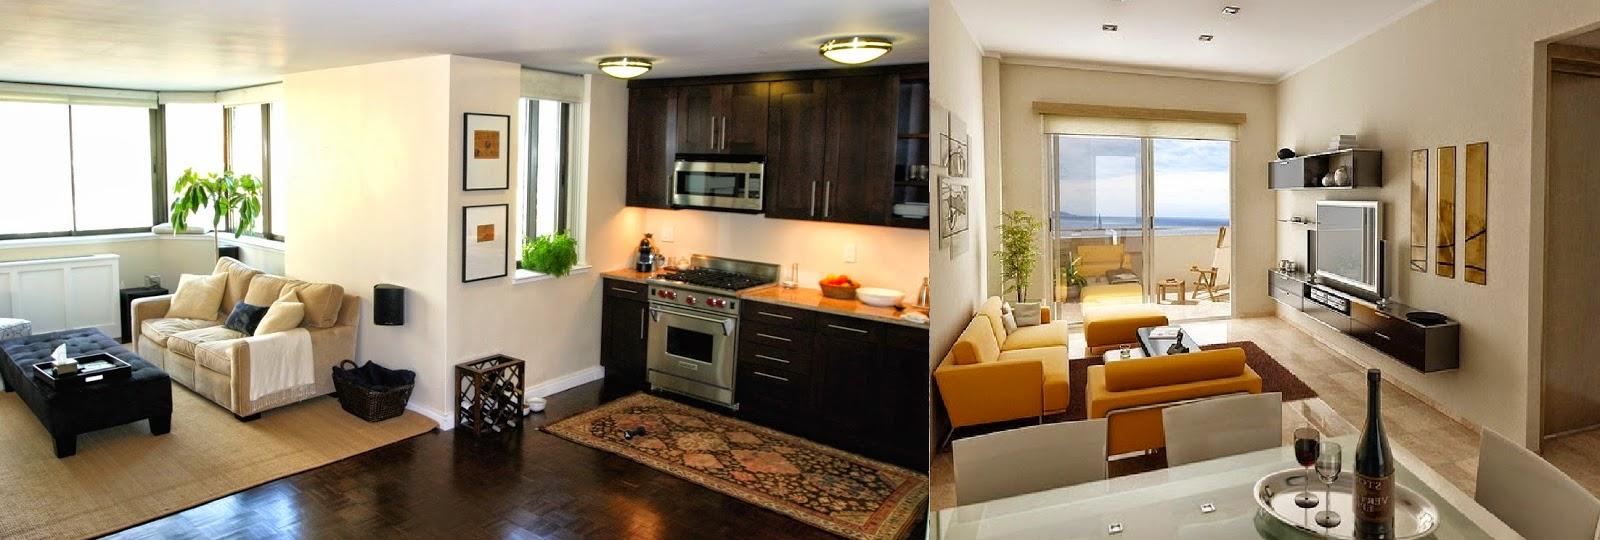 Buena organizacion para espacios peque os casas ideas Ideas de salas para espacios pequenos